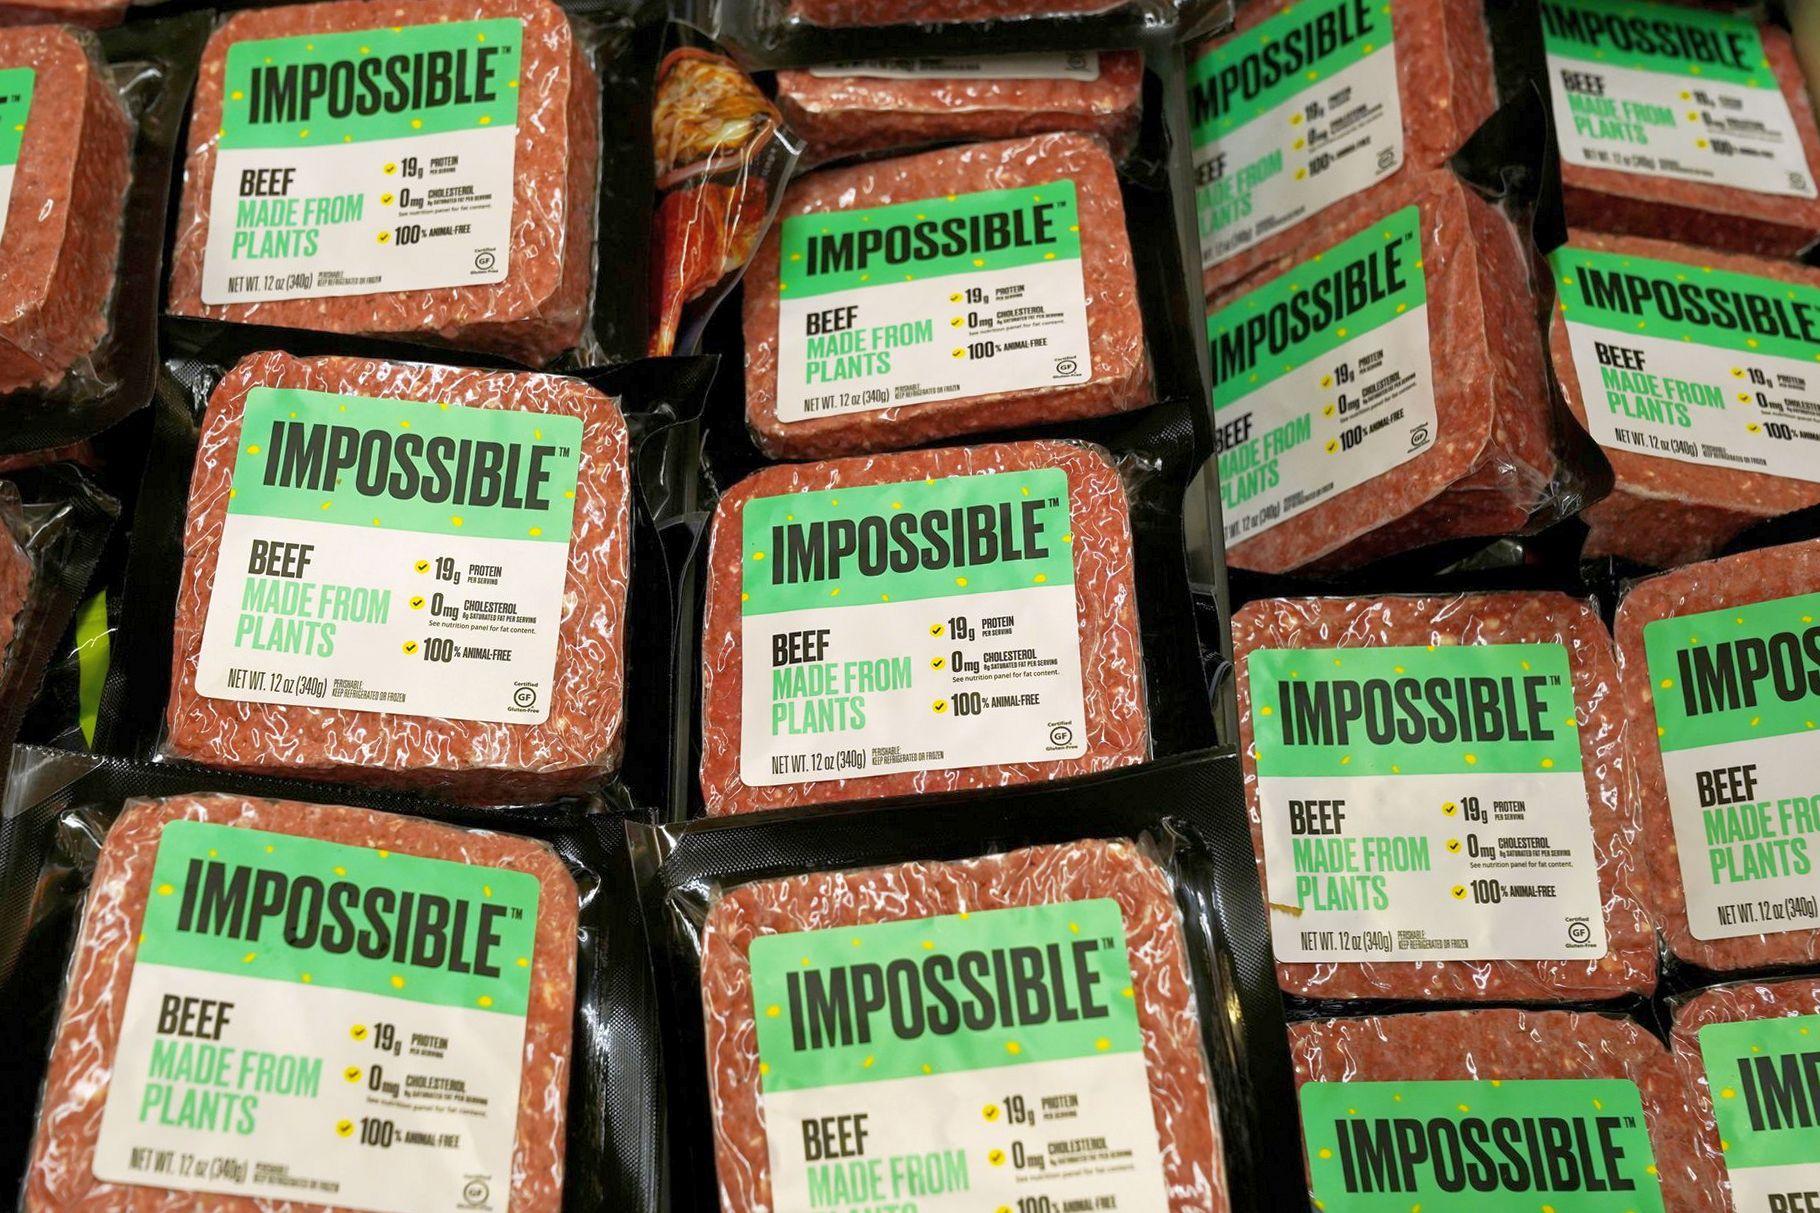 Свинина на растительной основе со вкусом мяса представлена Impossible Foods